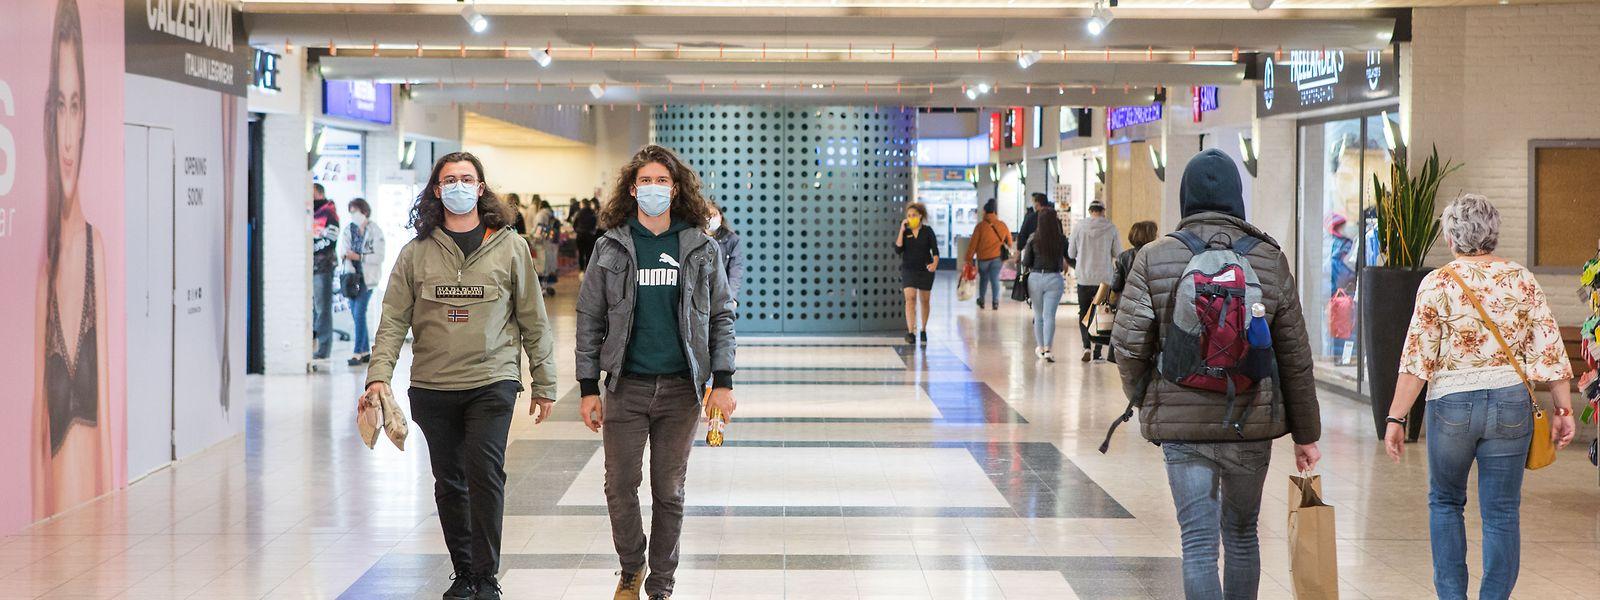 Pour l'ULC, le consommateur n'a pas à subir seul les effets de la crise sanitaire